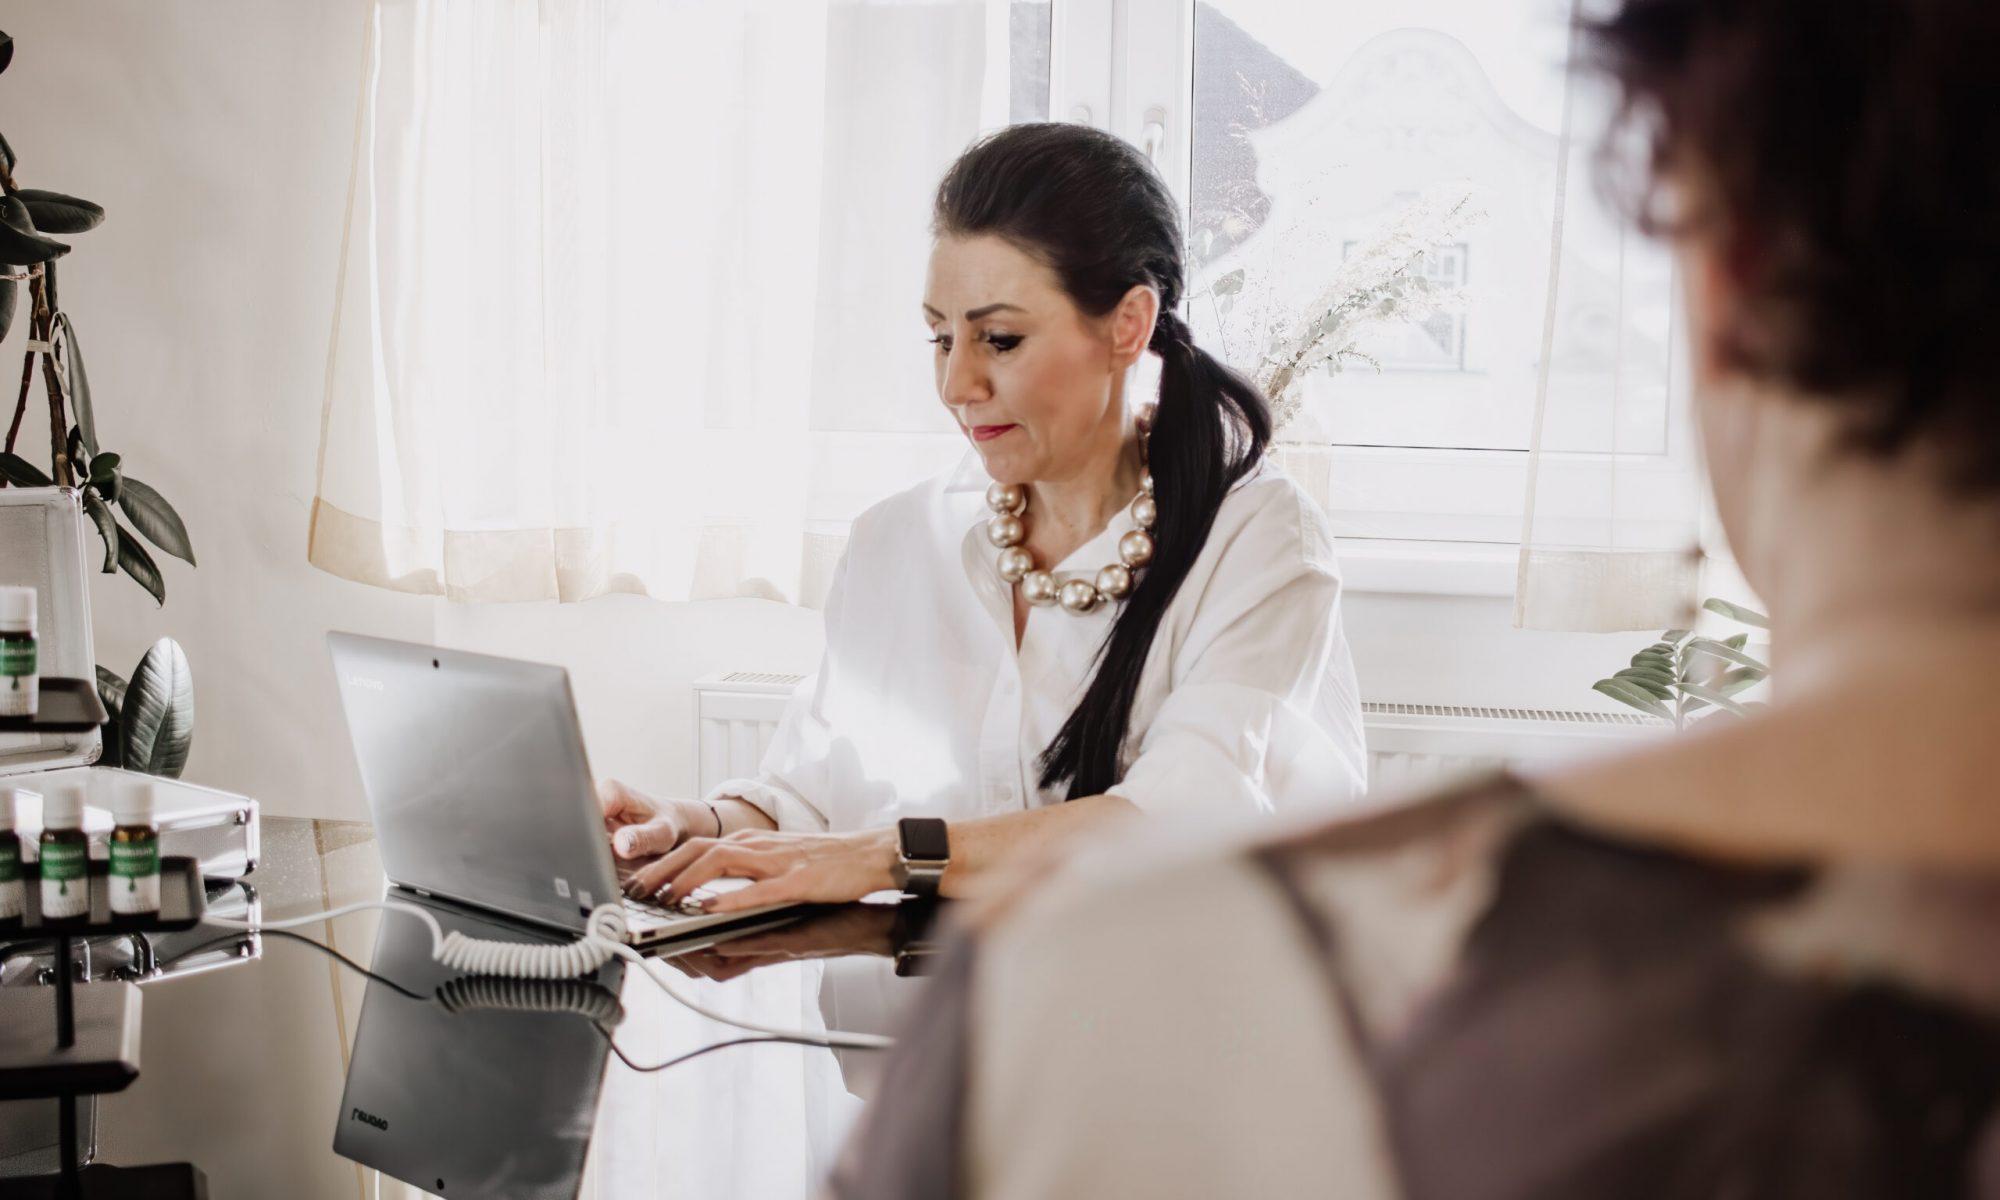 Sonja Simonitsch sieht sich die ausgemessenen Werte am Laptop an